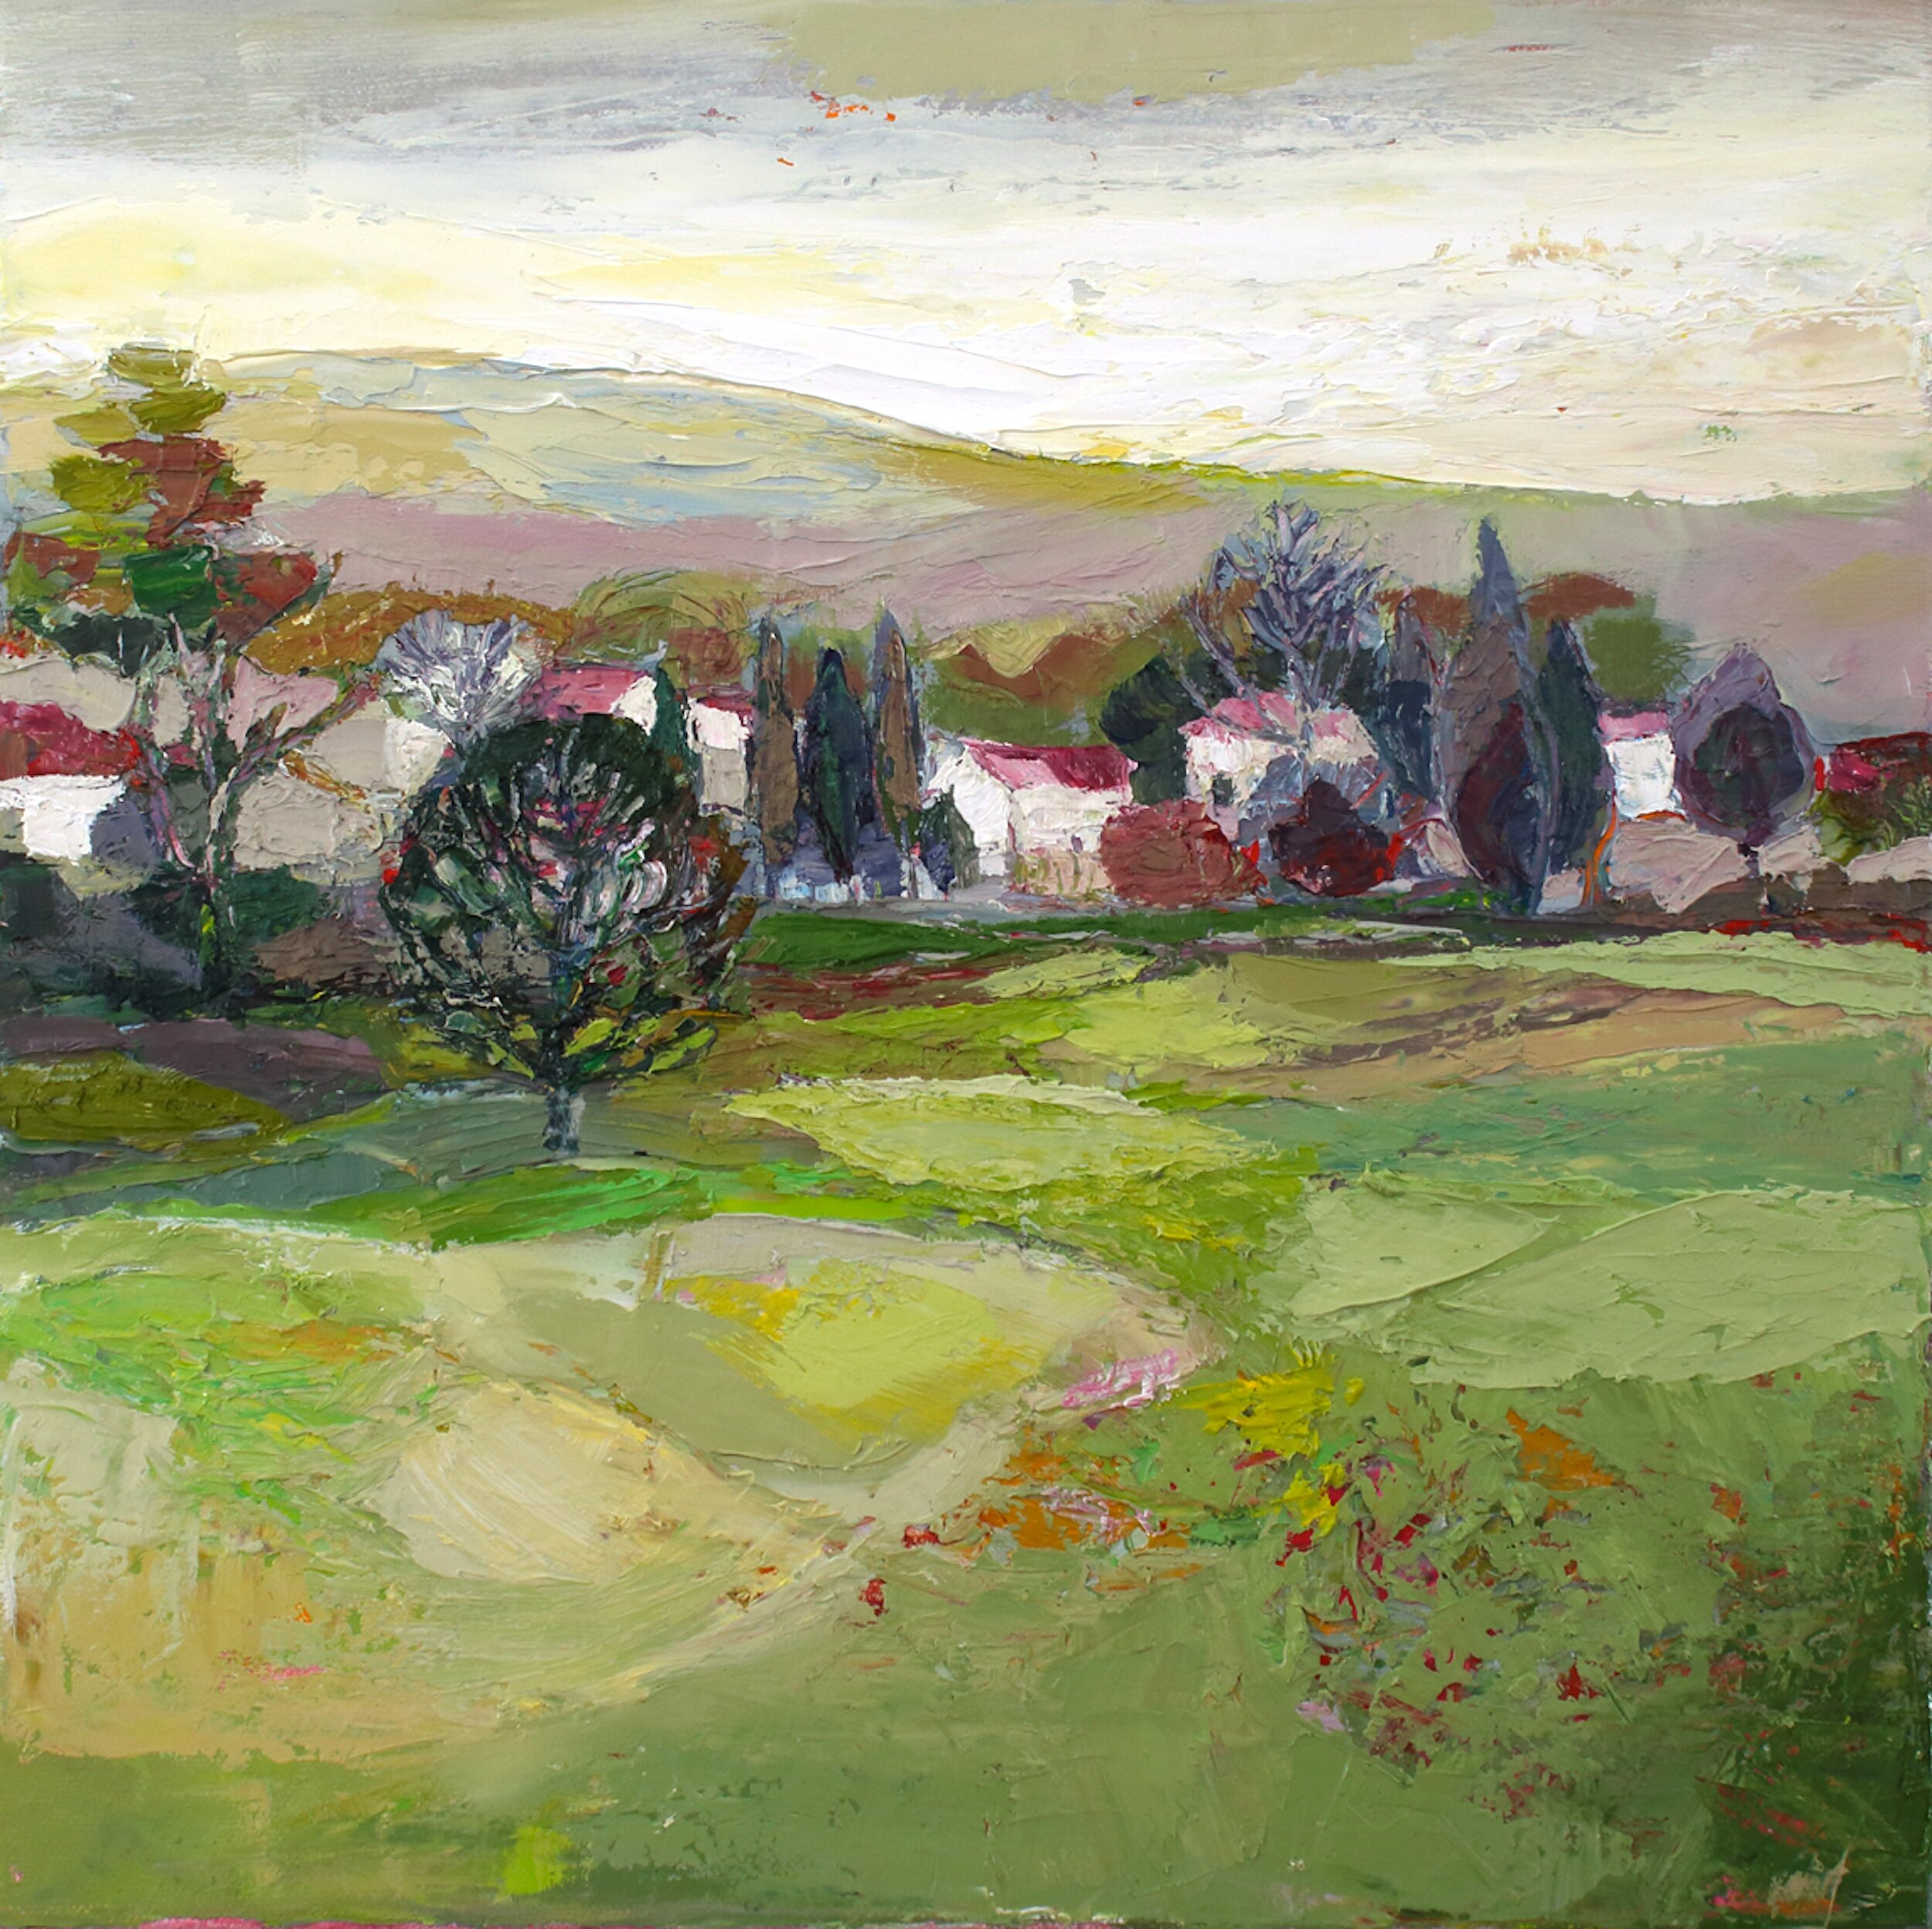 Title: Hidden Village  Size: 12x12in  Medium: Oil on Canvas  Price: £1750